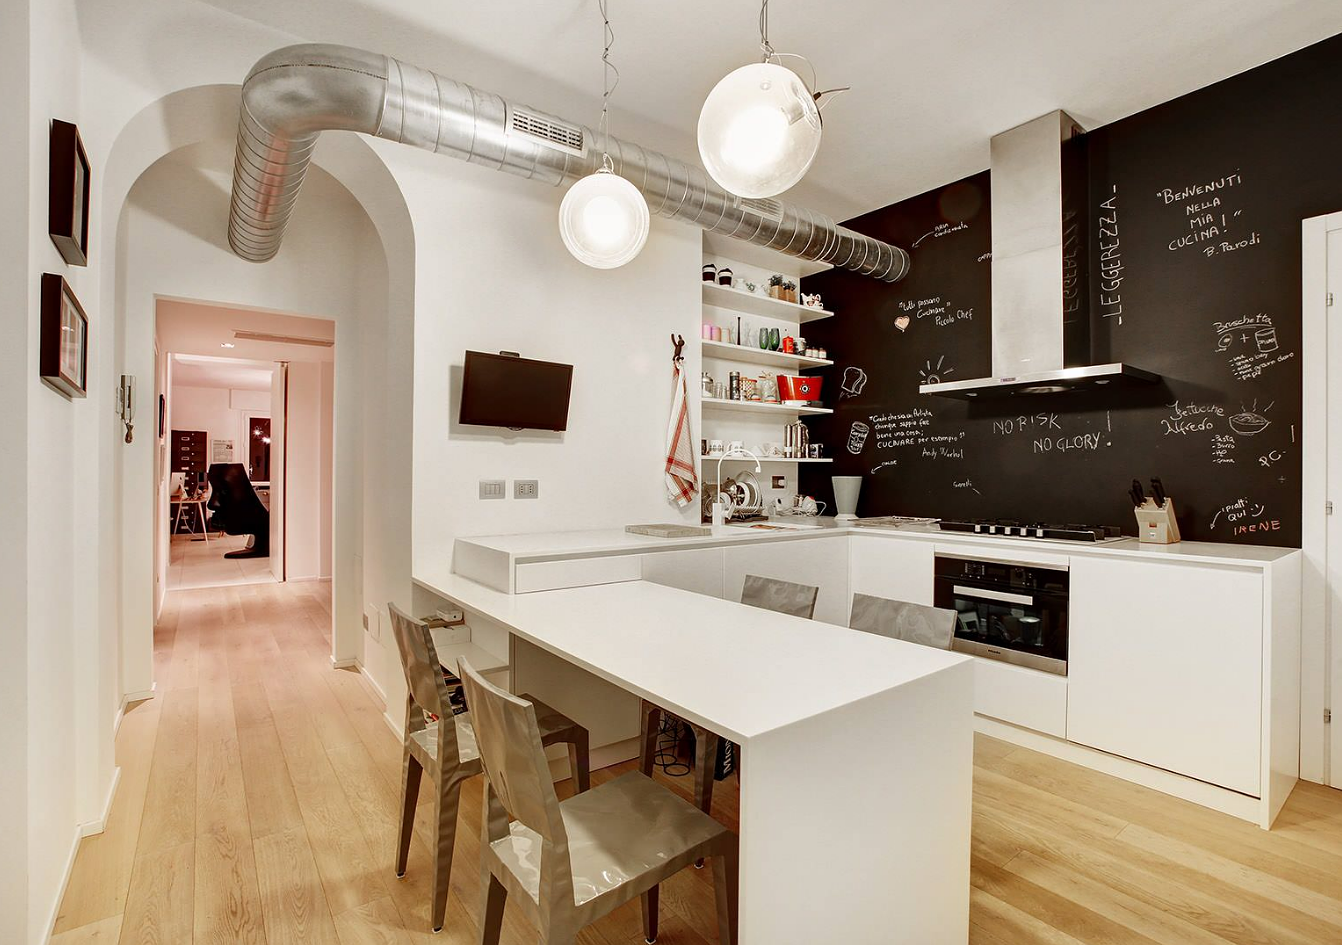 Casa Con Pochi Soldi. Cheap Immagine Titolata Increase The Value Of ...